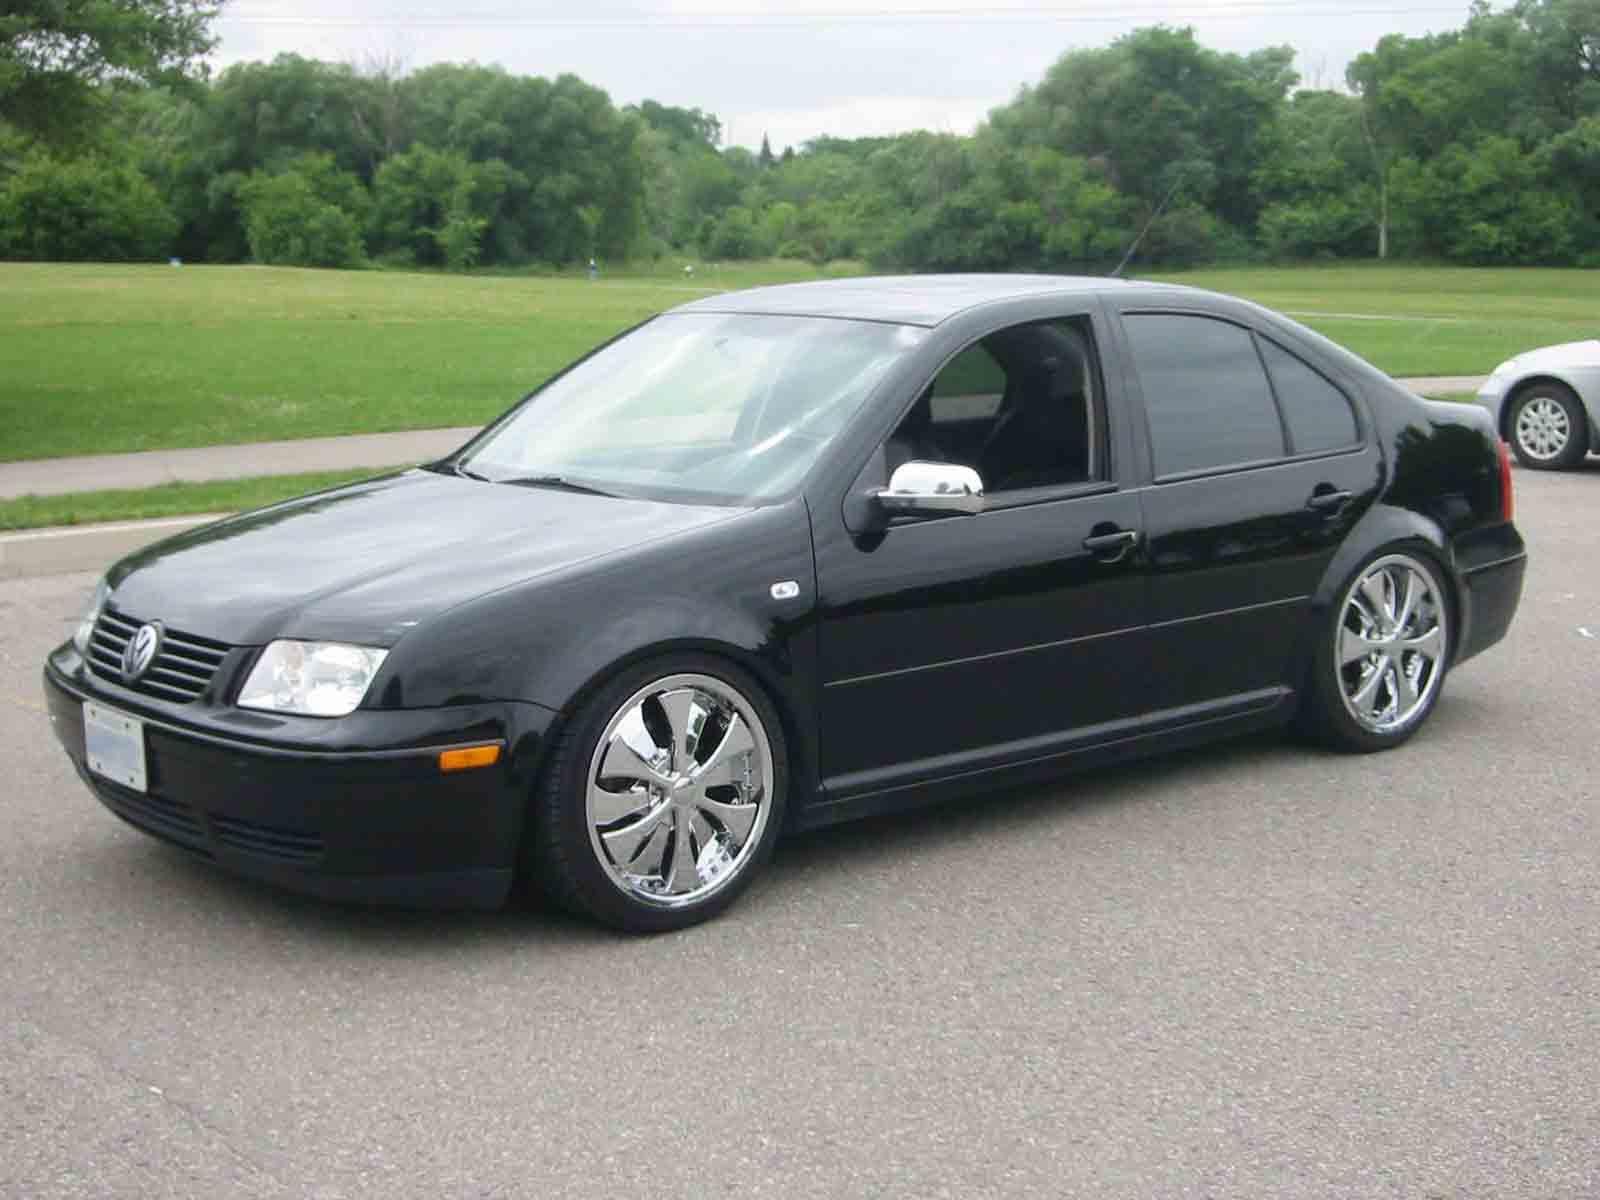 2002 Volkswagen Jetta Exterior Pictures Cargurus